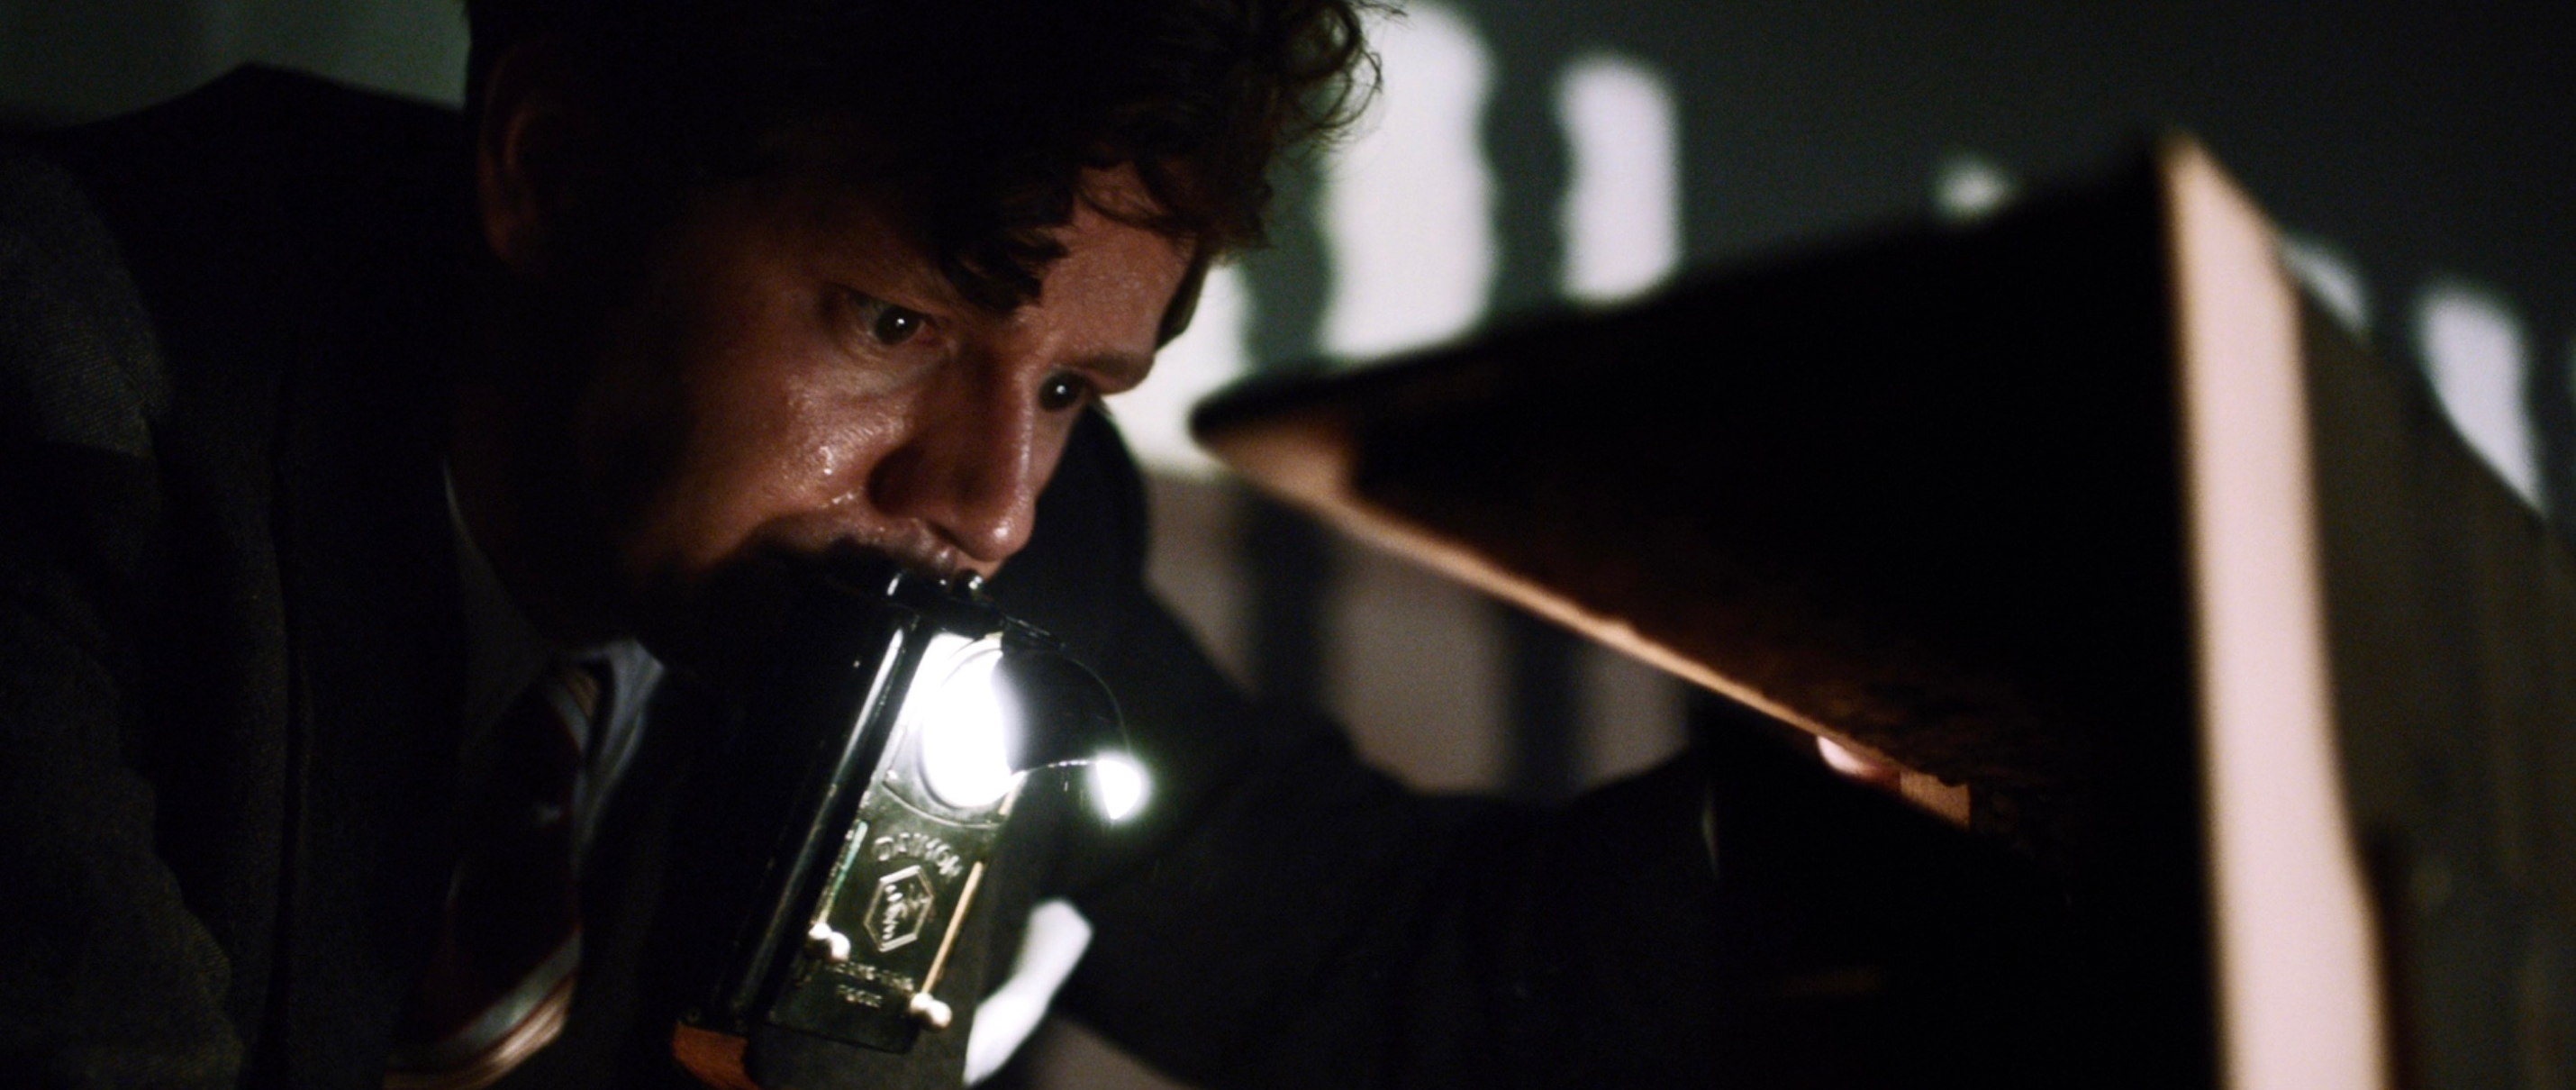 Elser - 13 Minutes - Georg Elser schweißgebadet beim Verhör - Regie Oliver Hirschbiegel - Kamera Judith Kaufmann